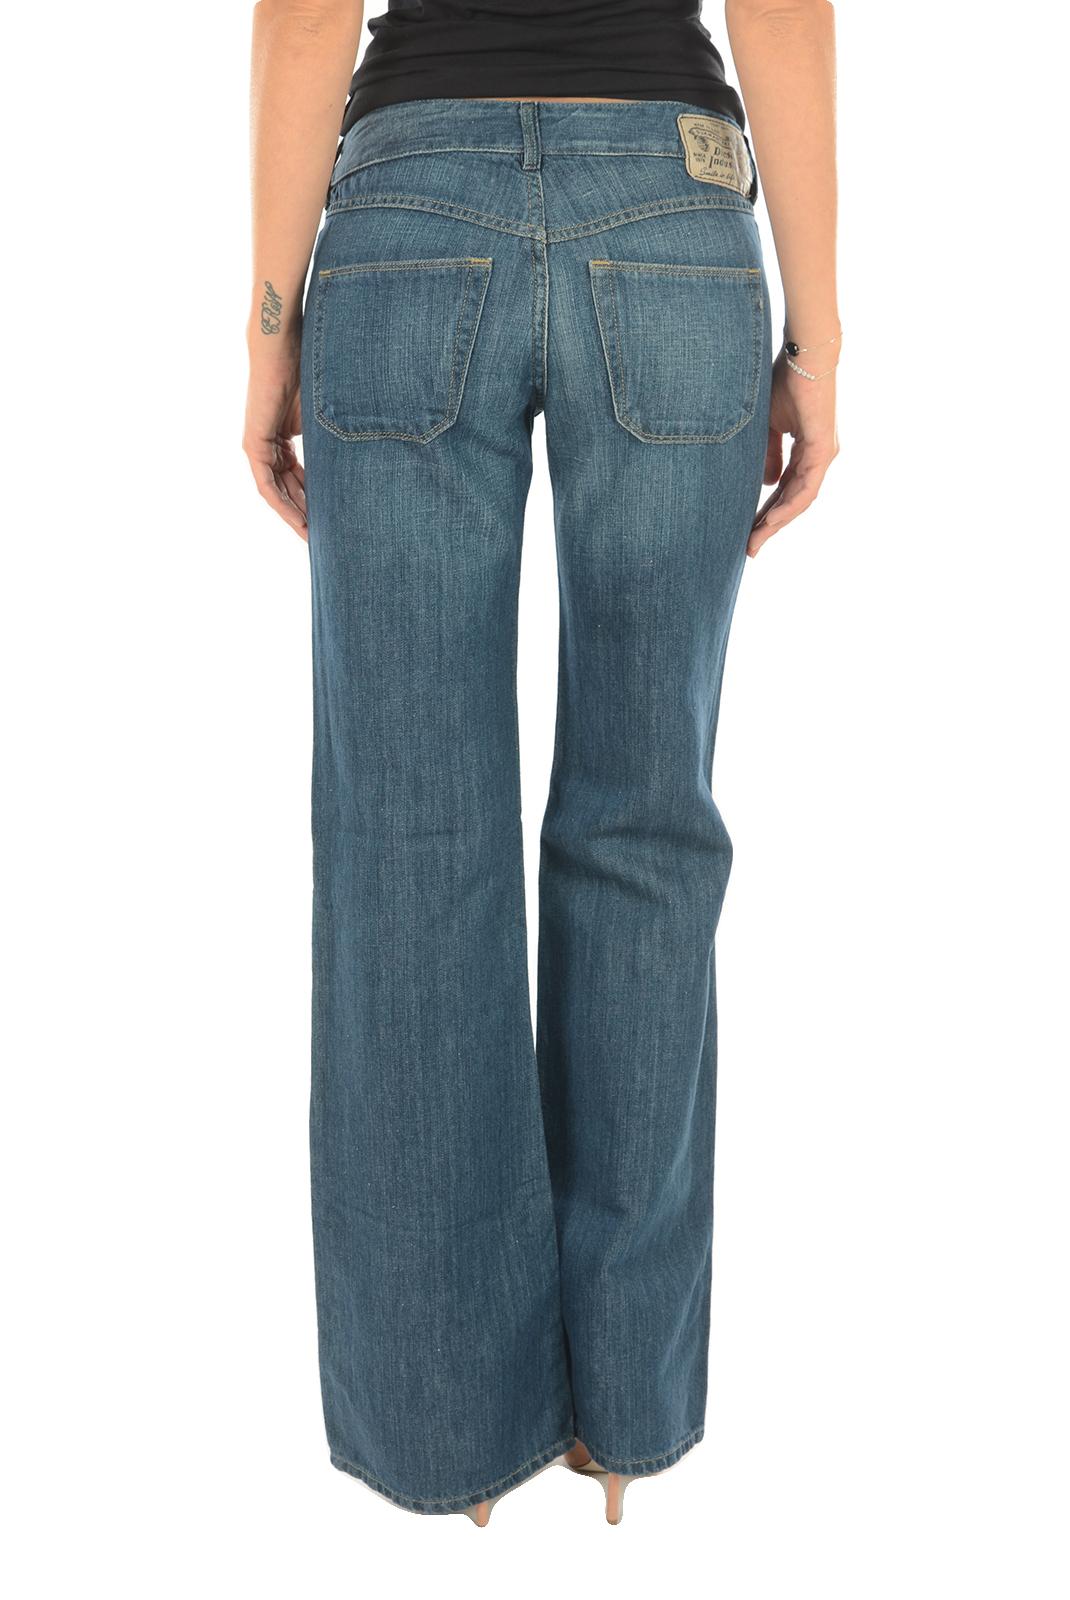 Jeans droit  Diesel WIRKY 0063H BLEU